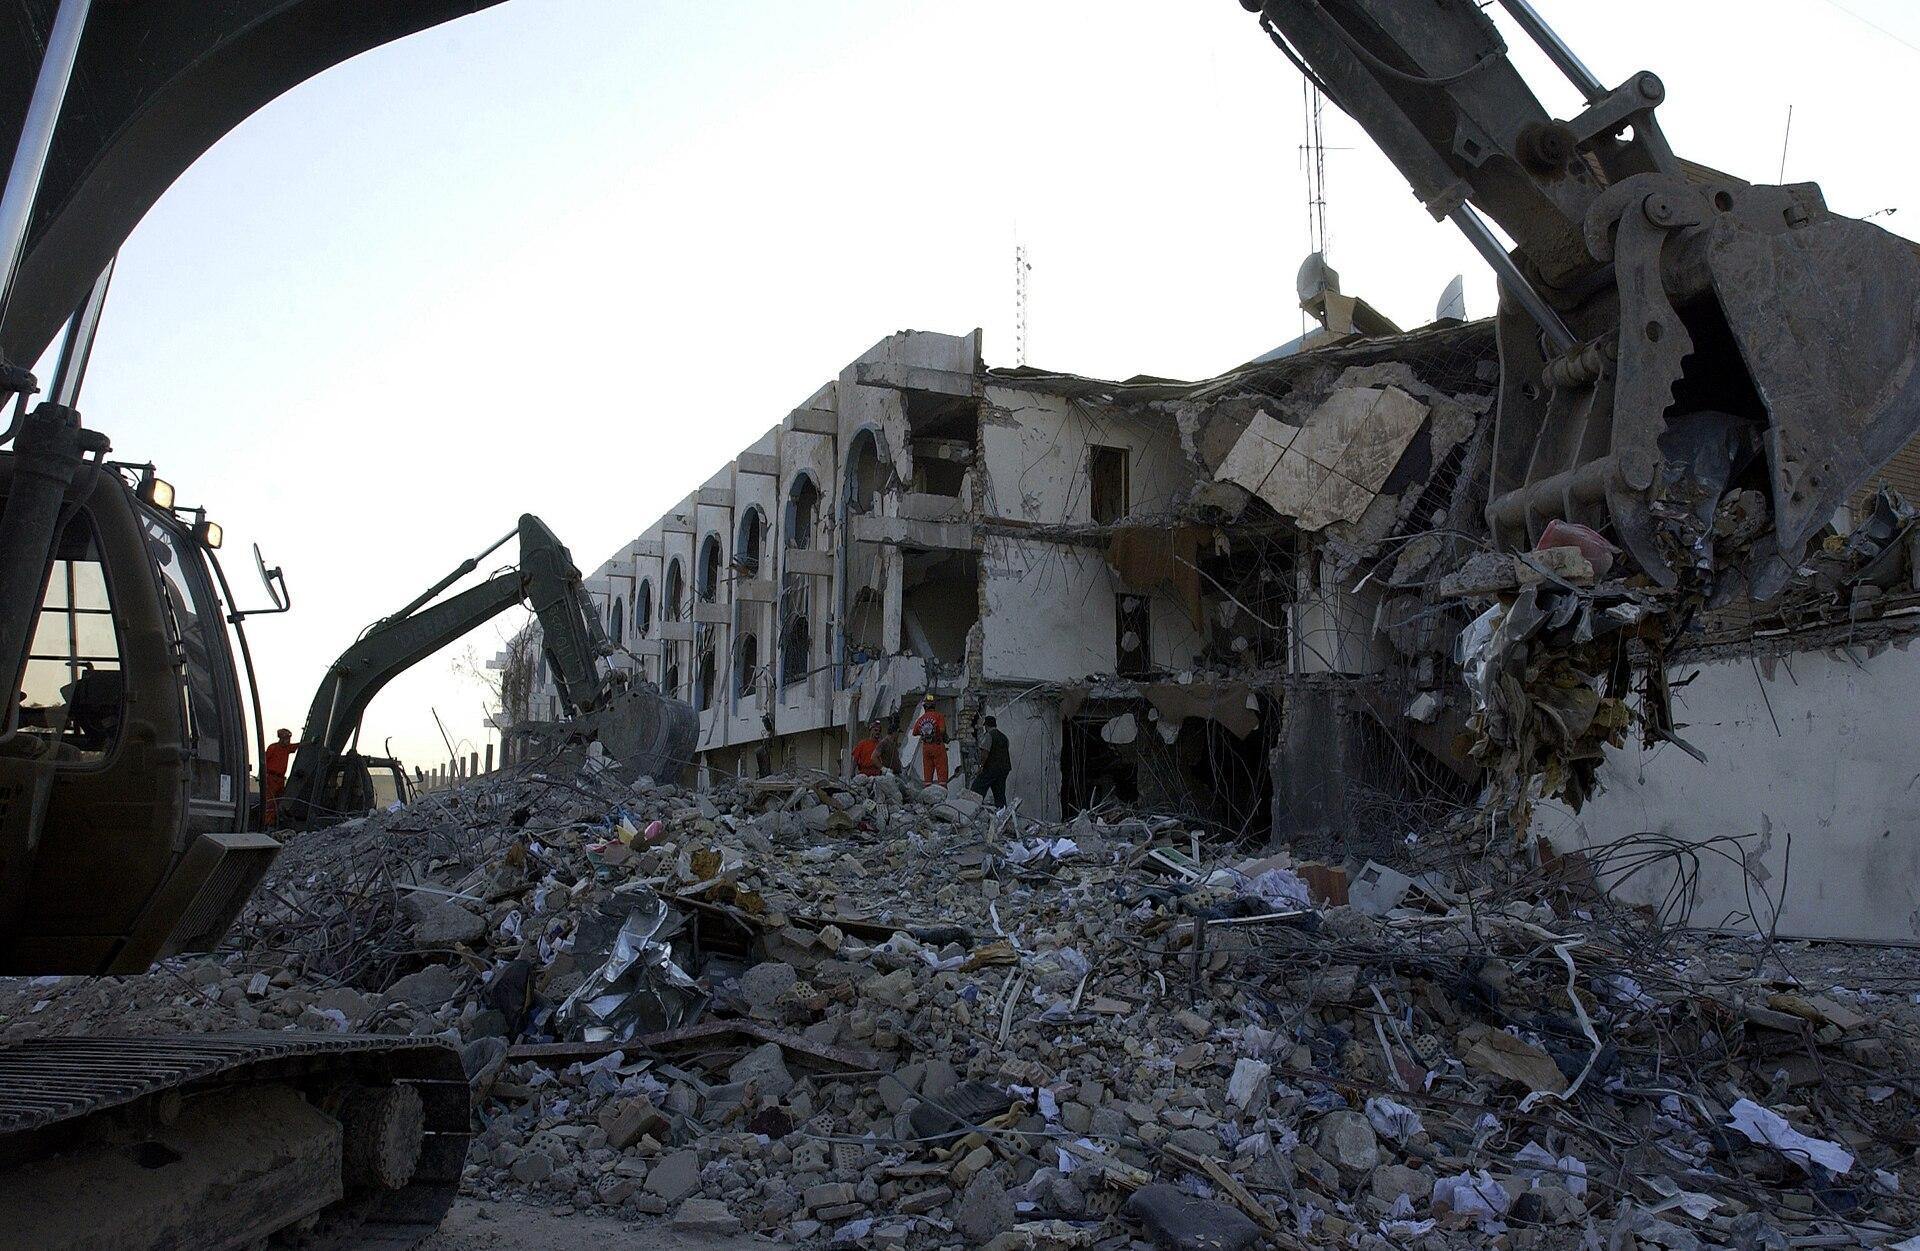 Human rights in post-invasion Iraq - Wikipedia